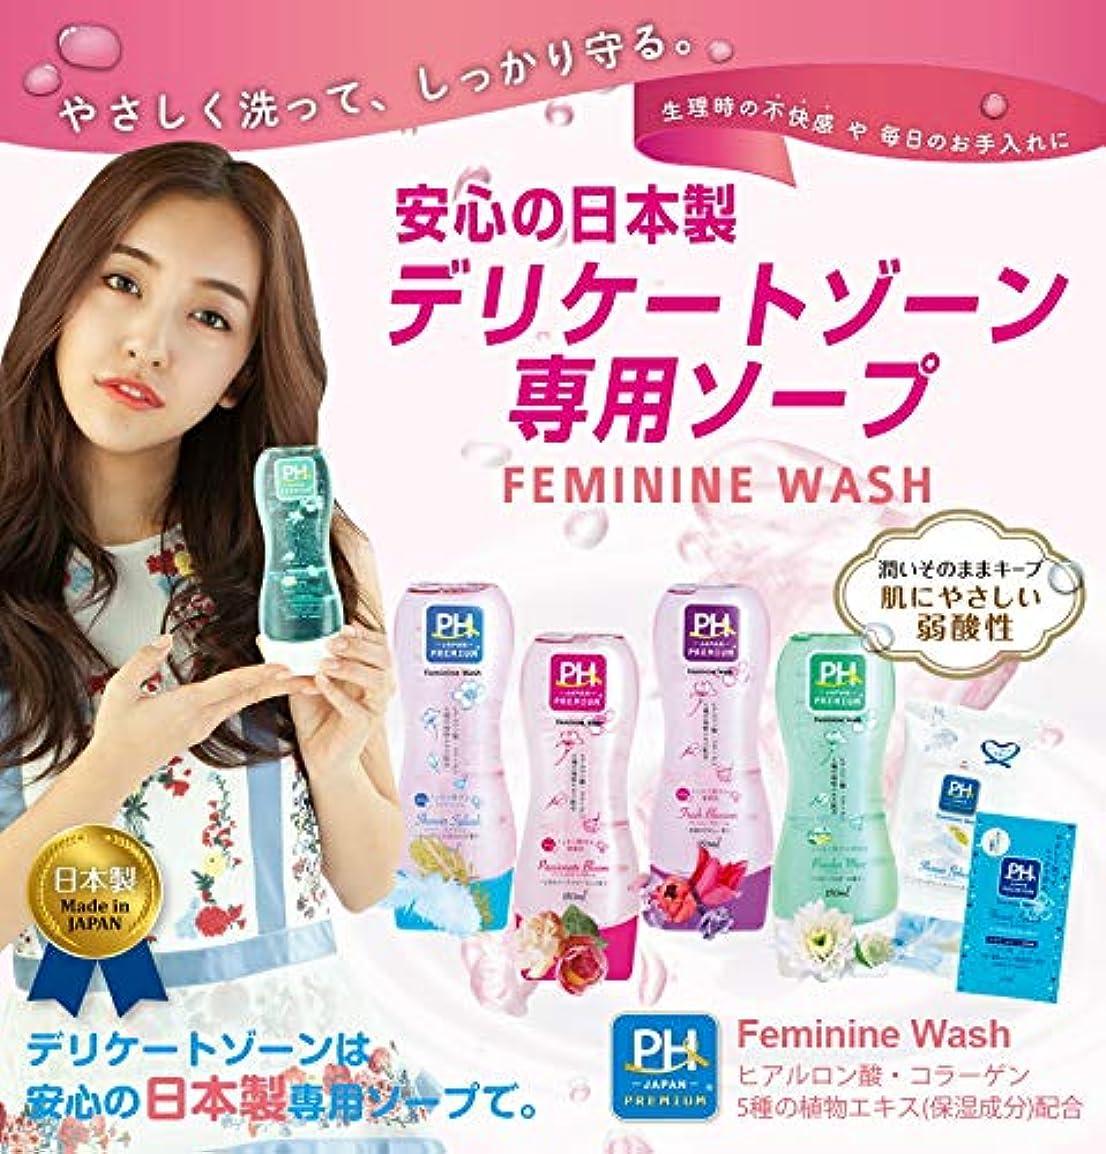 病気だと思うアデレードサロンパッショネイトブルーム4本セット PH JAPAN フェミニンウォッシュ 上品なローズフローラルの香り